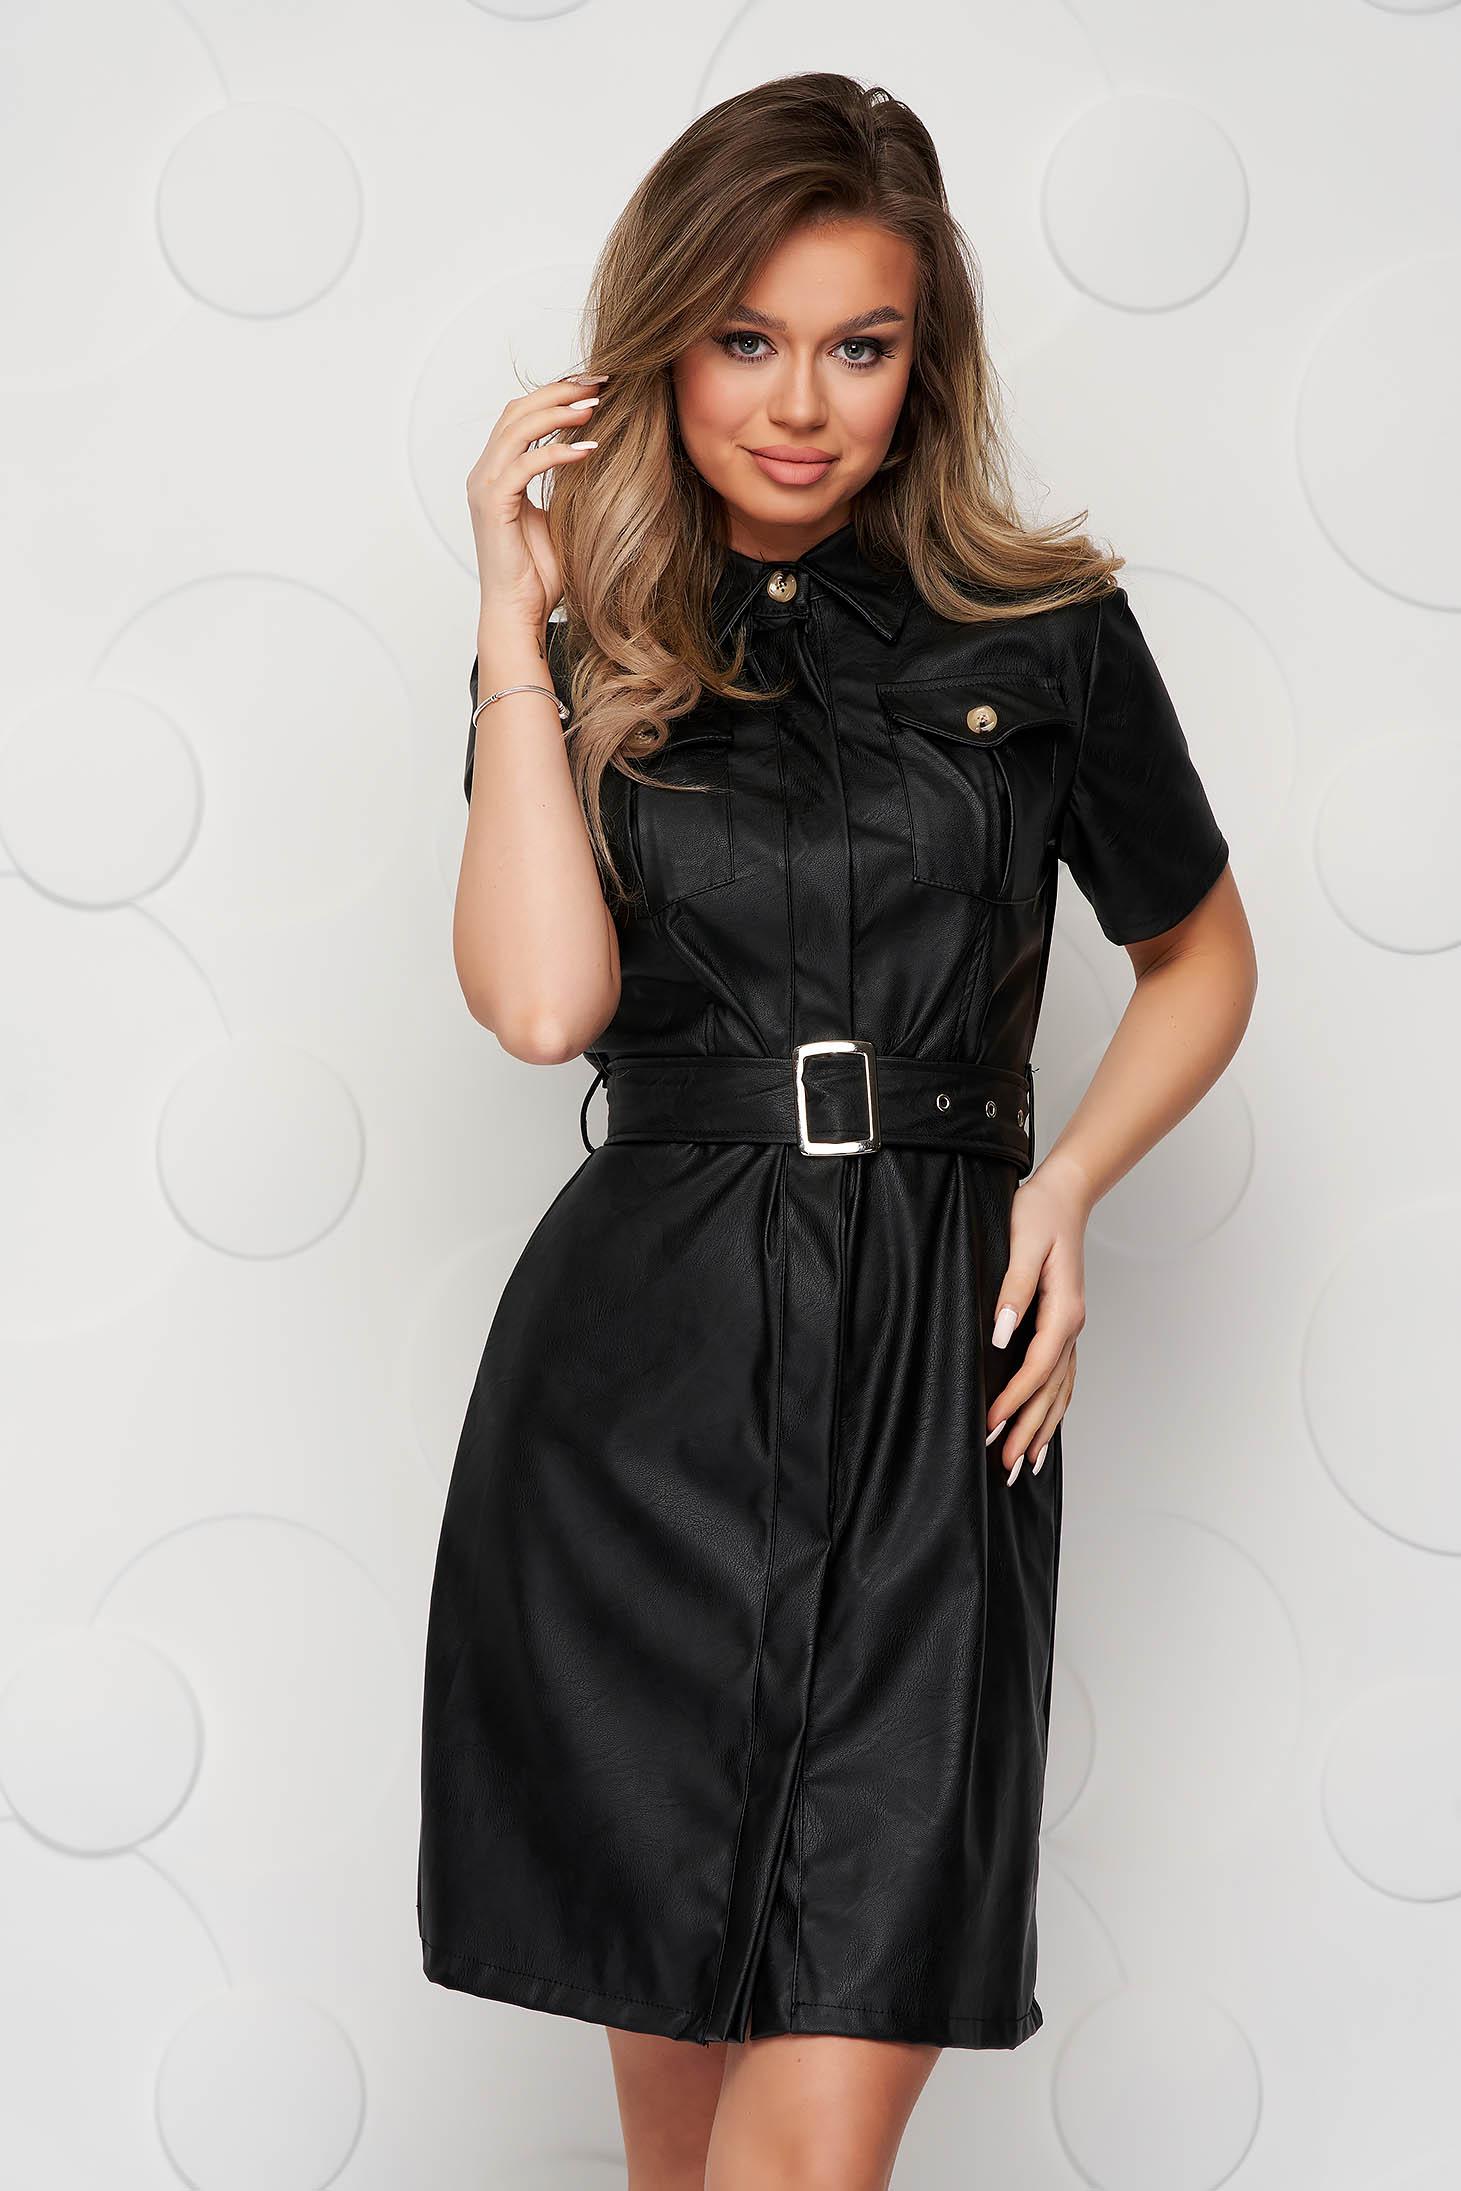 Fekete a-vonalú ruha műbőrből és öv típusú kiegészítővel